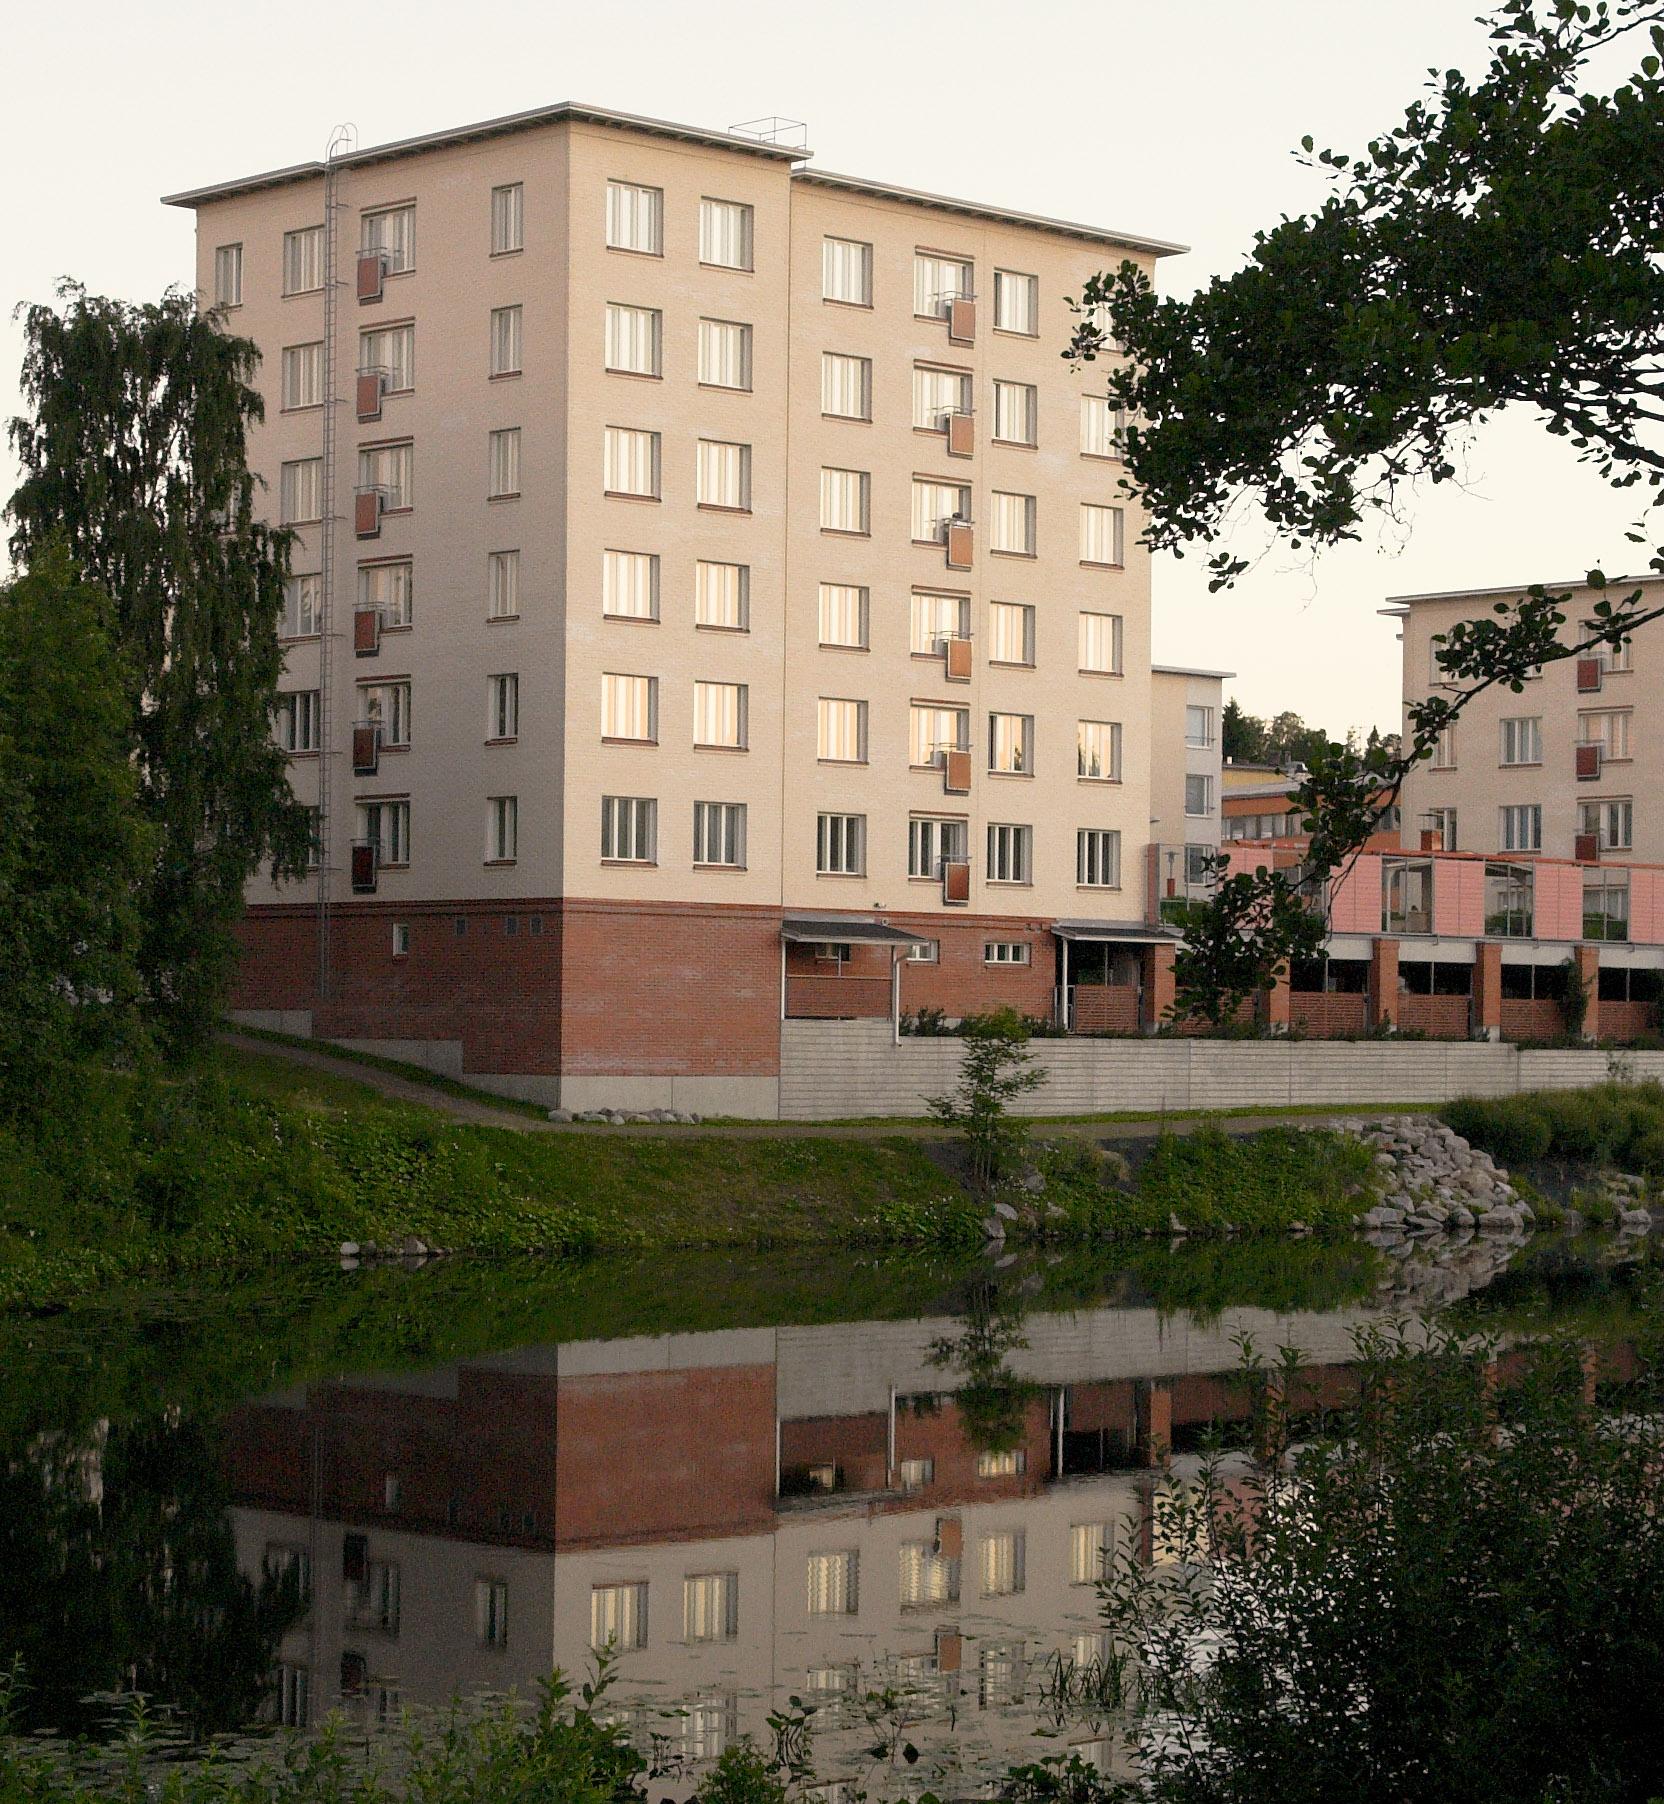 opiskelija asunnot järvenpää Loimaa